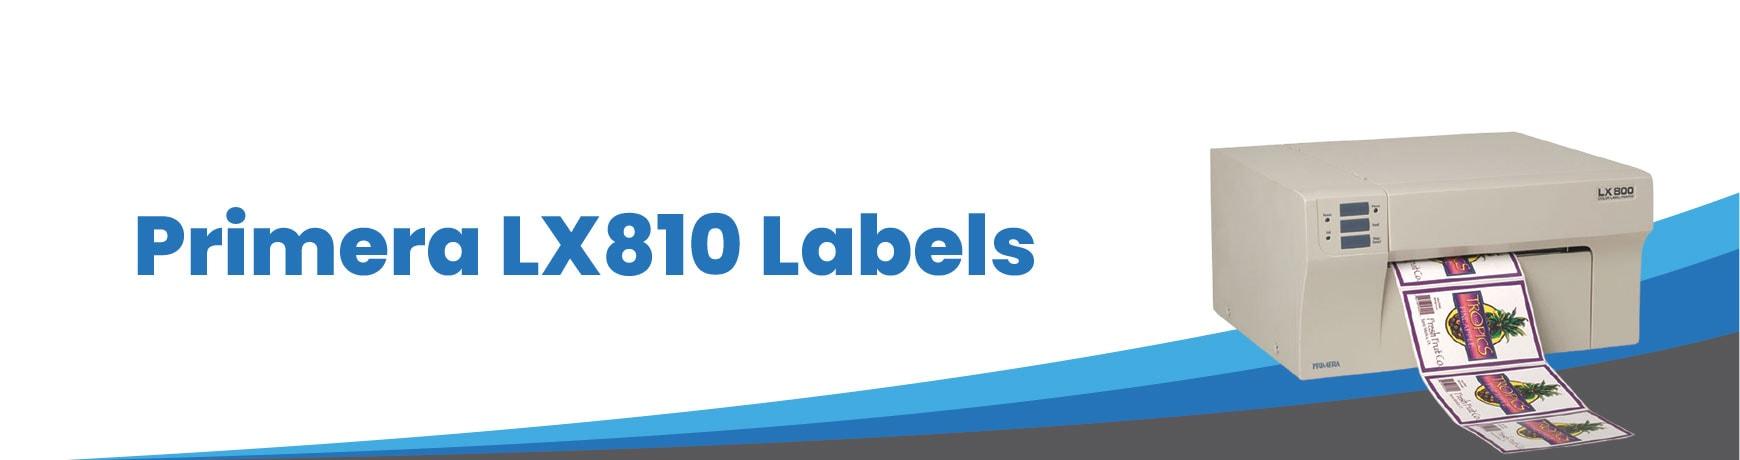 Primera LX810 Labels